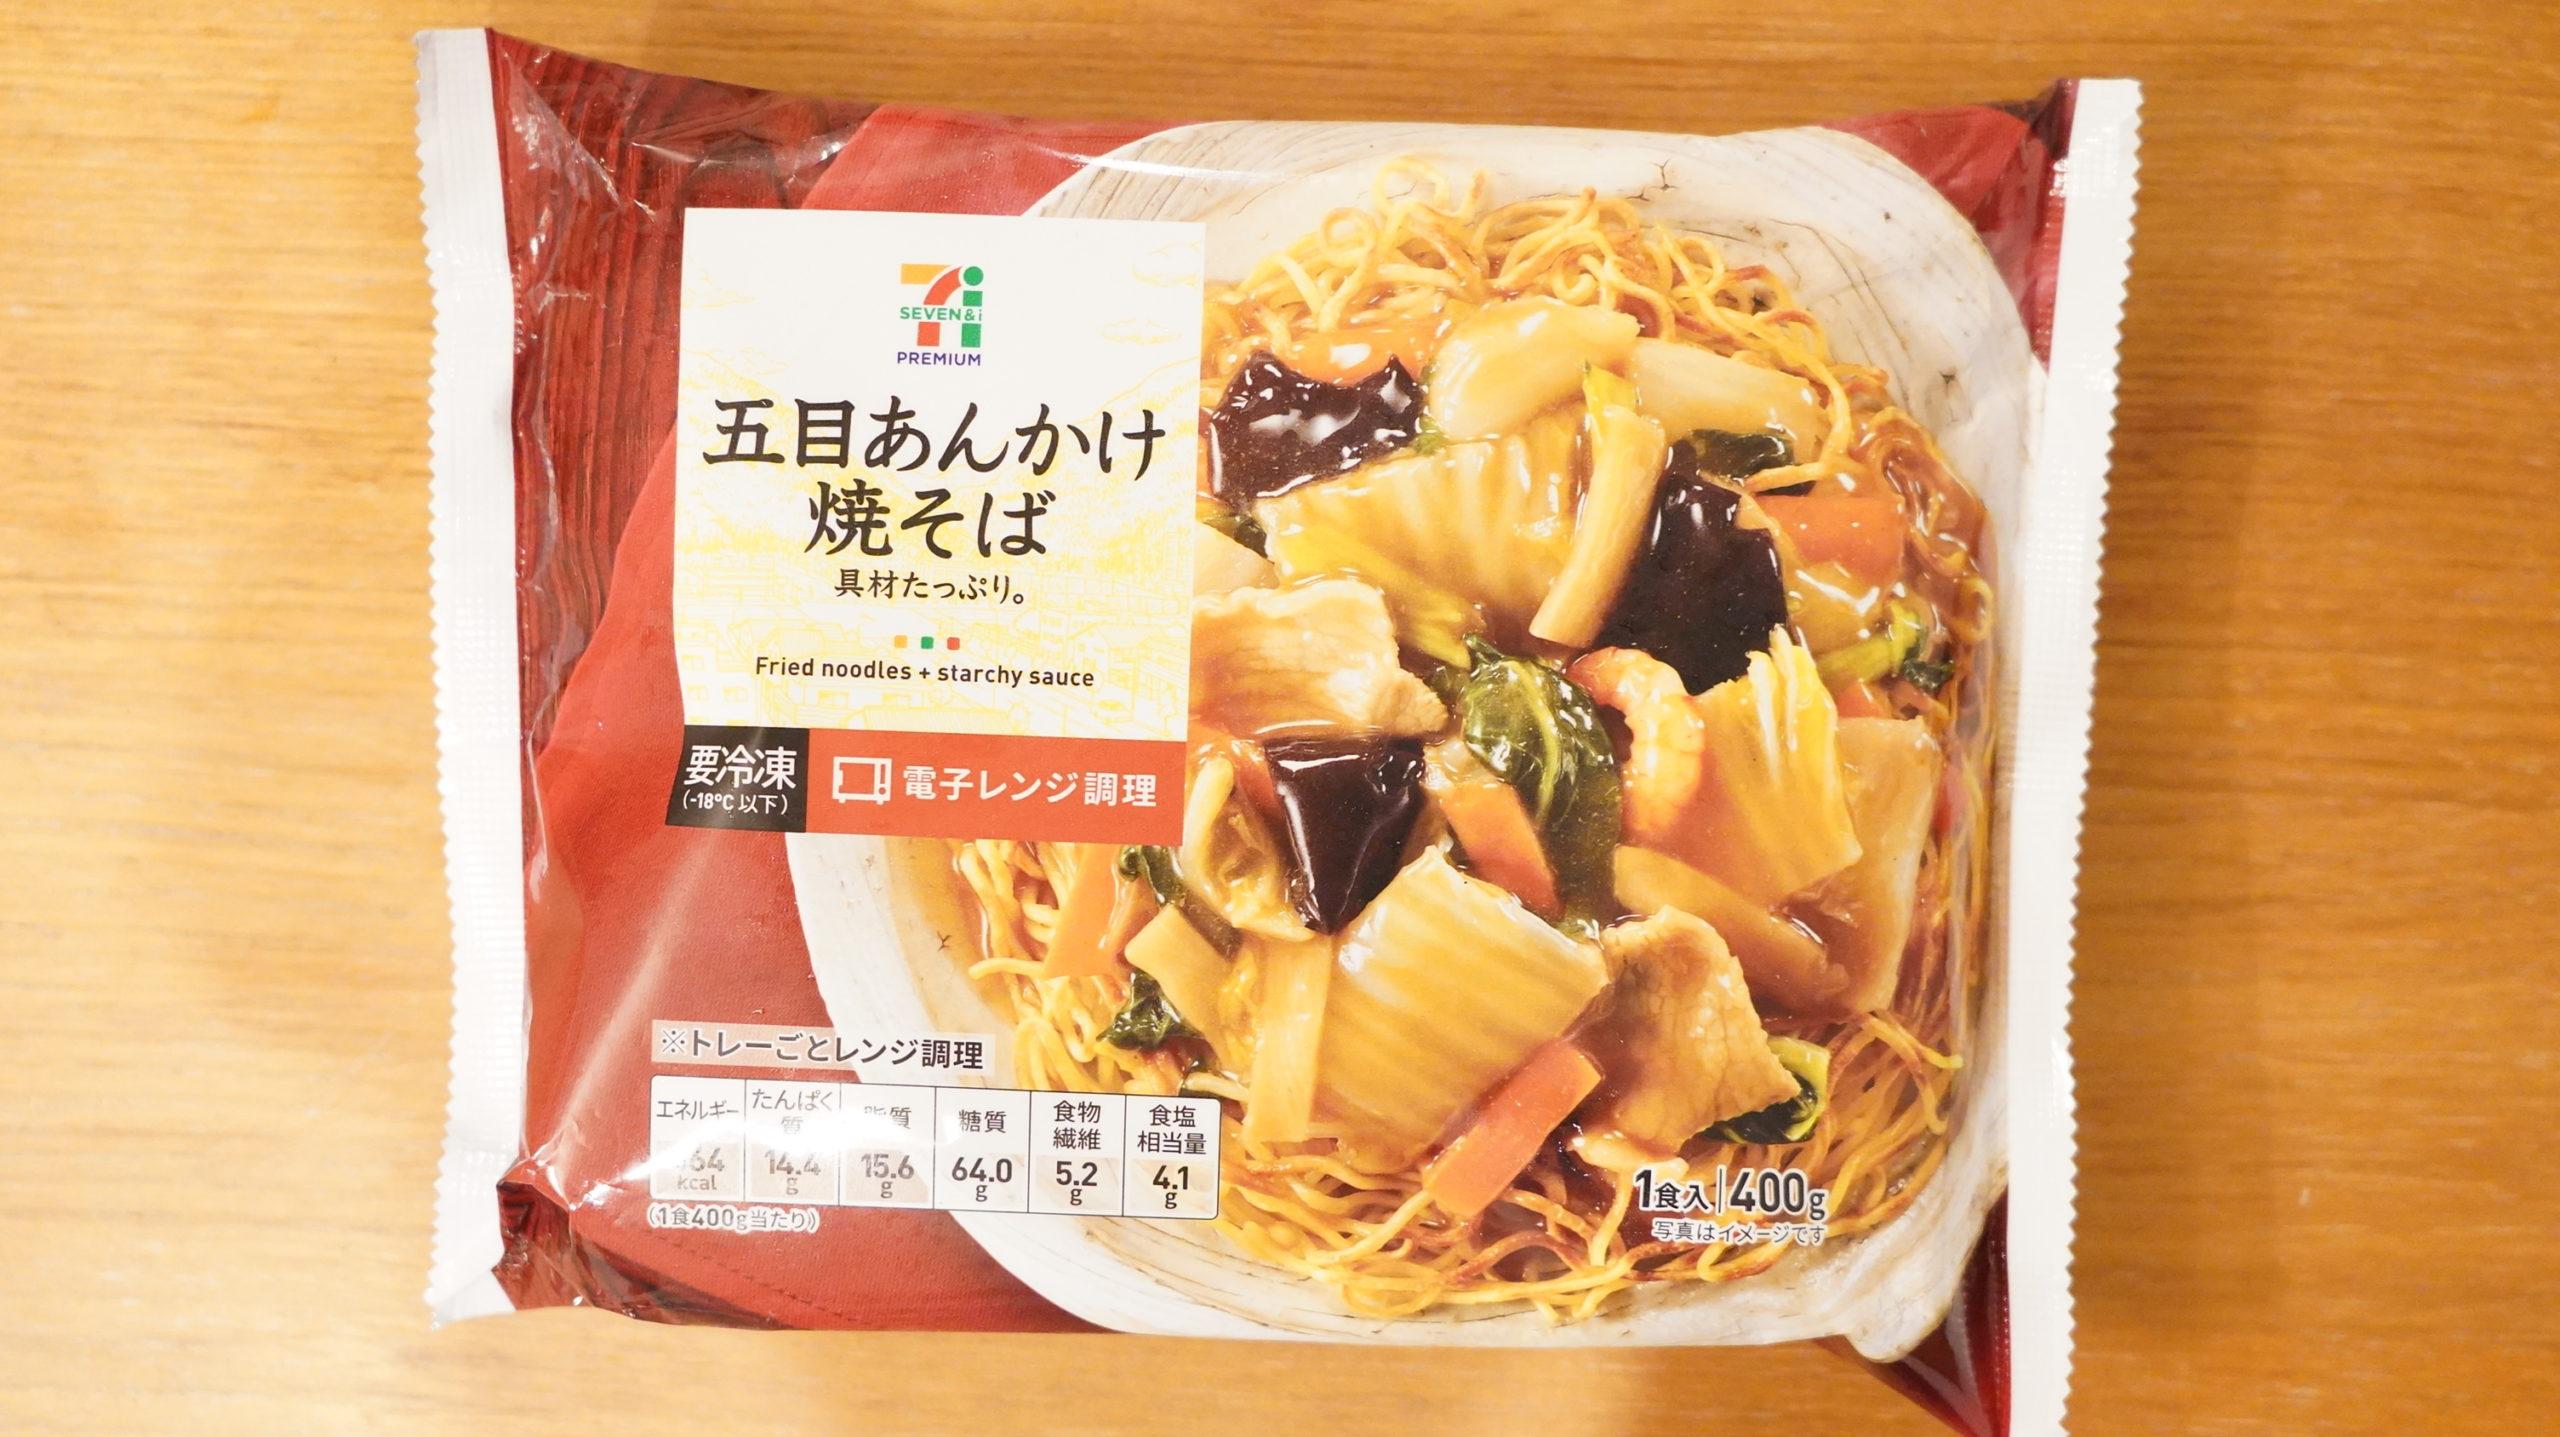 セブンイレブンのおすすめ冷凍食品「五目あんかけ焼そば」のパッケージ写真